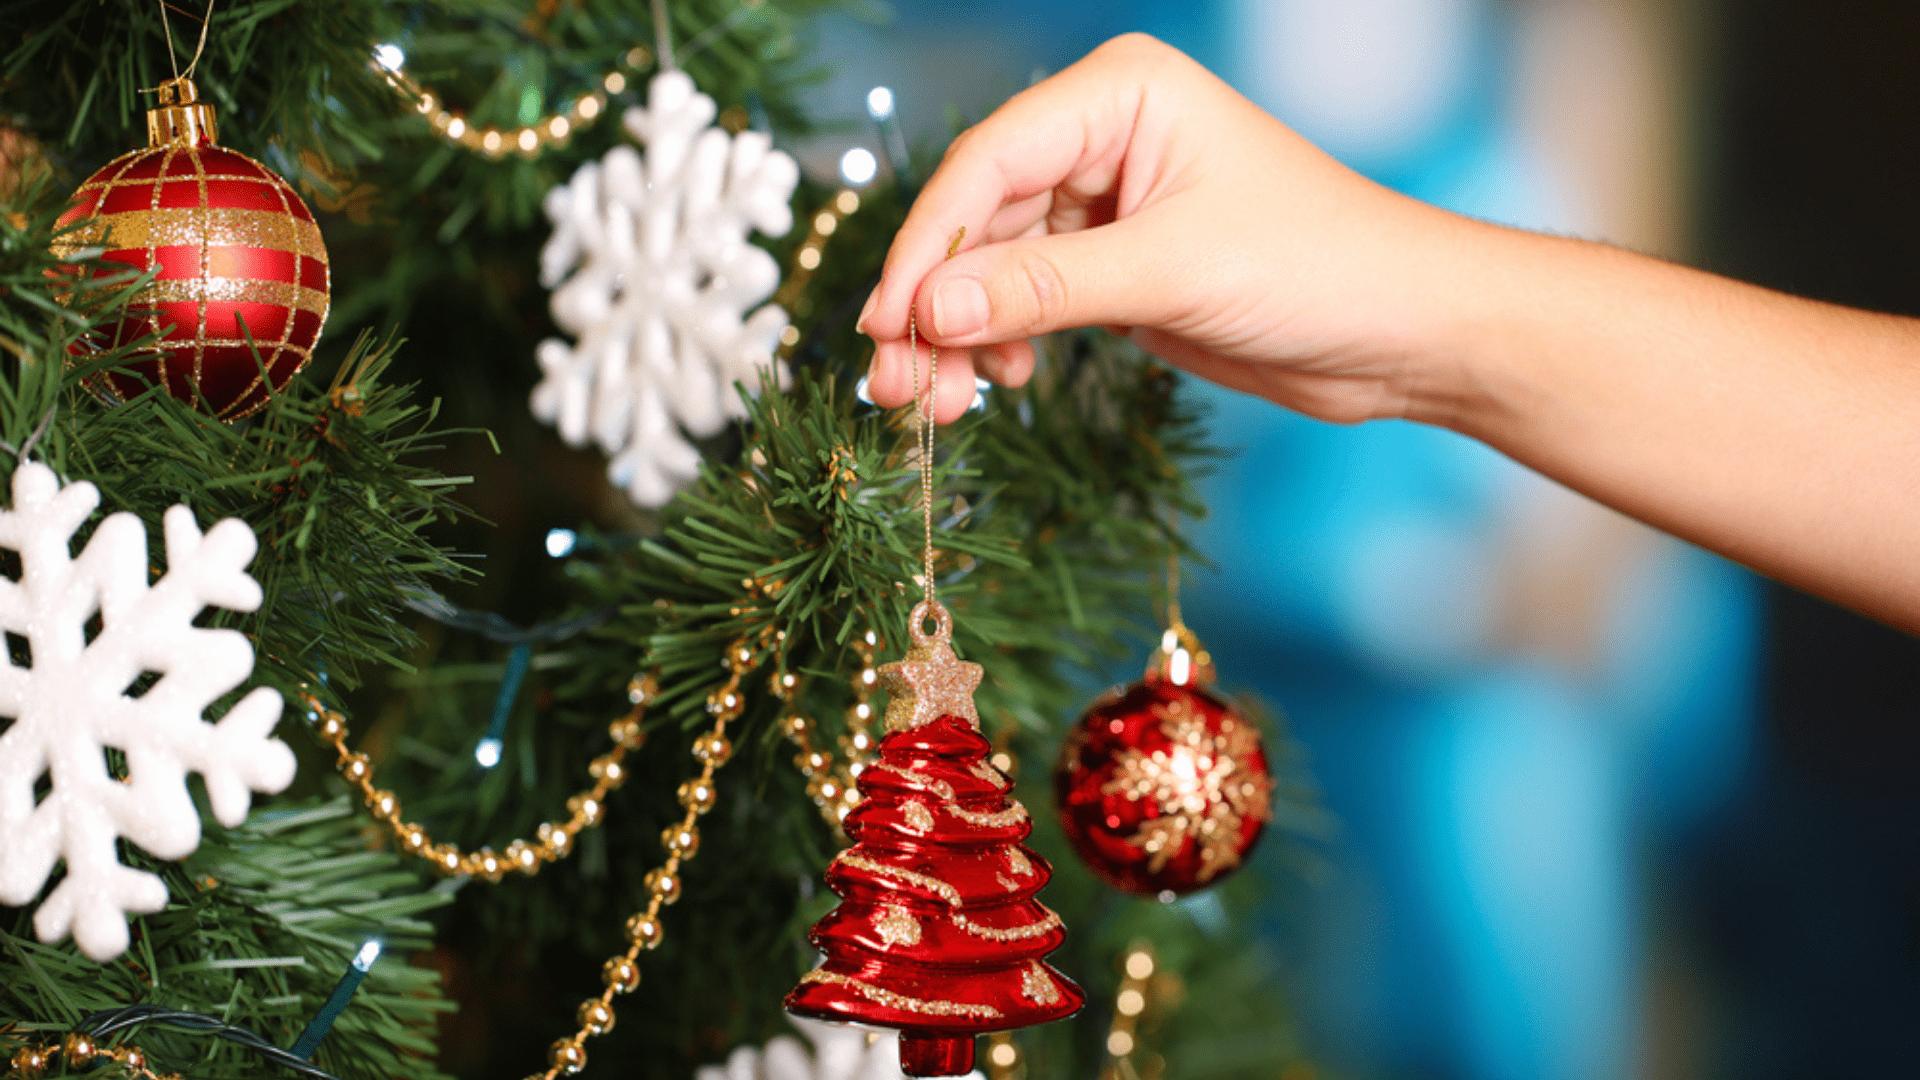 Confira o nosso passo a passo para montar uma árvore de Natal simples (Imagem: Reprodução/Shutterstock)